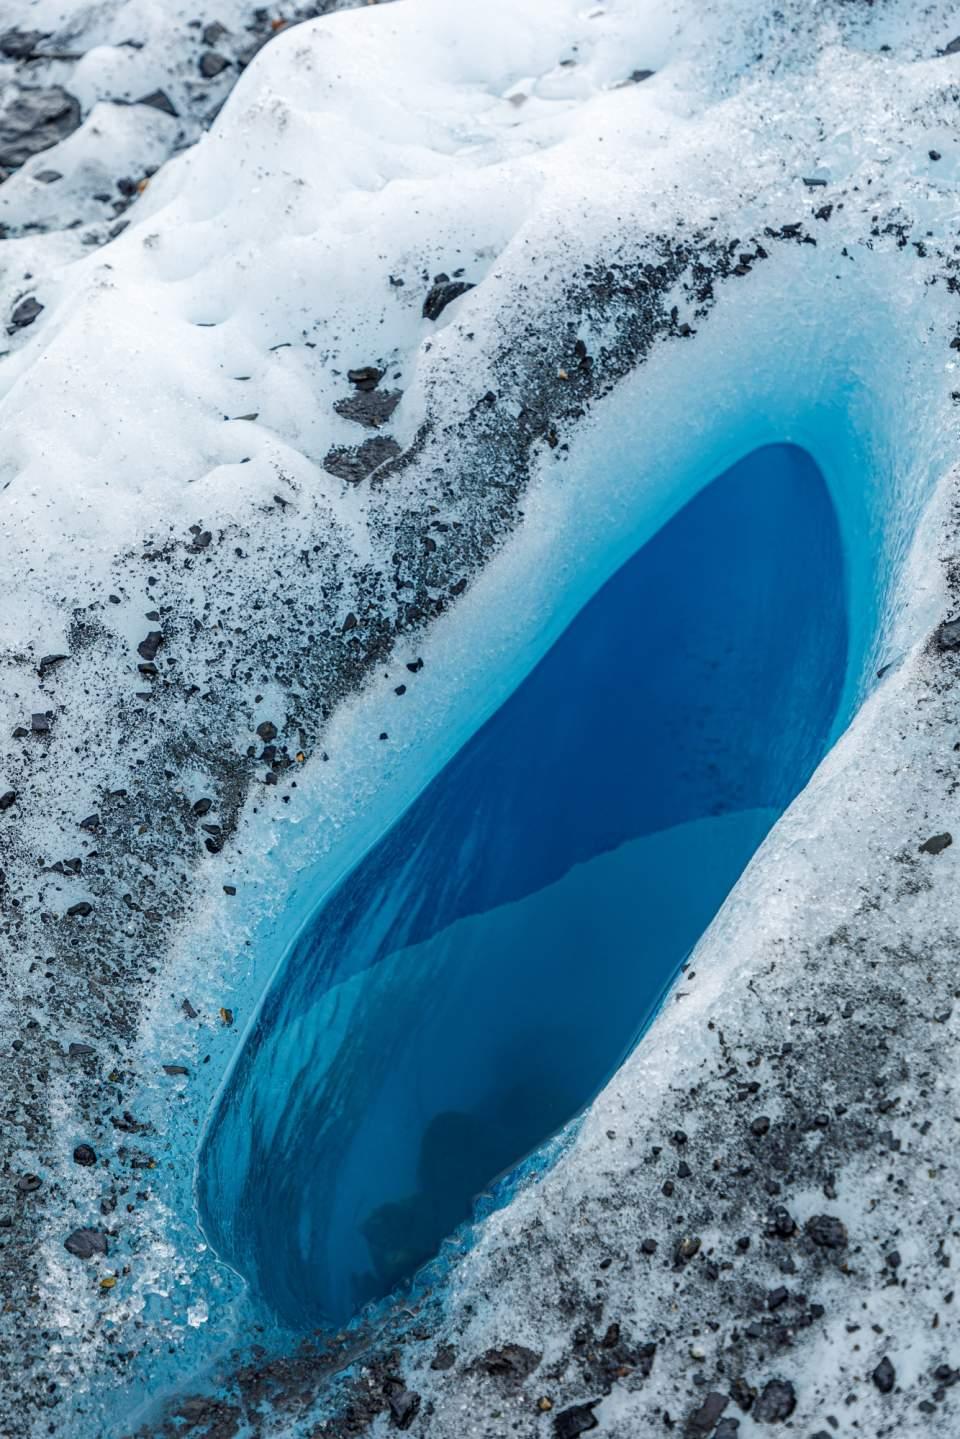 Jeff Schultz Matanuska Glacier Hike 190911 5 F2458